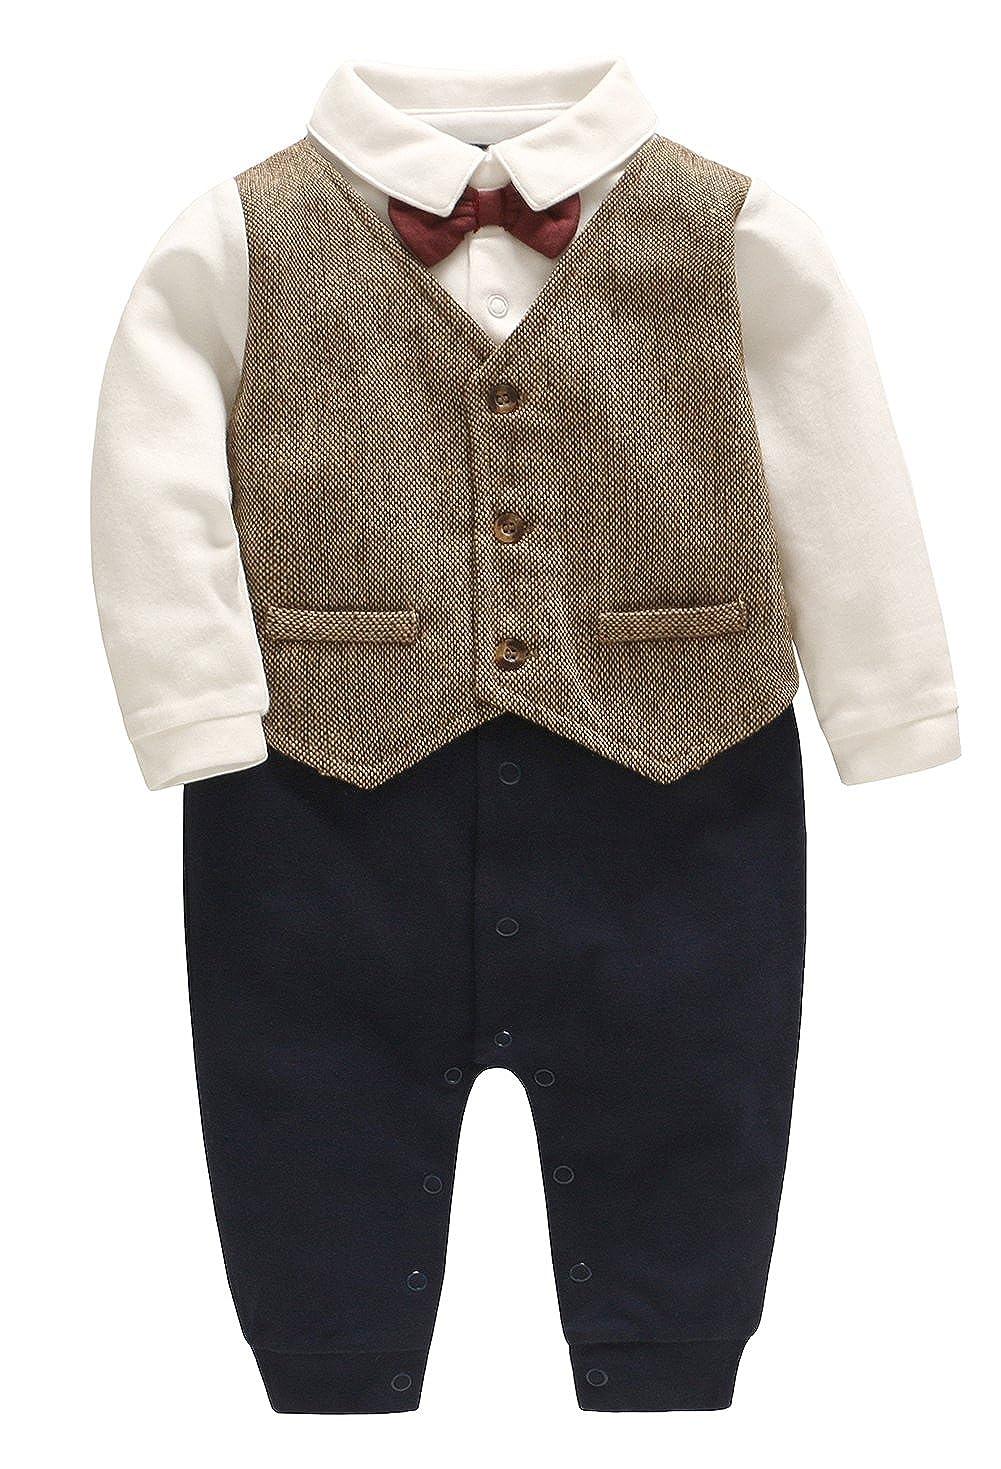 Amplaue 1 tlg Baby Strampler Smoking für Jungen Kleinkind Kleidung Rompers Body Kleidung Gentleman Baumwolle Langarm Bowknot Plaid Streifen Drucke Anzug Taufe Hochzeit Anlass APCLX227